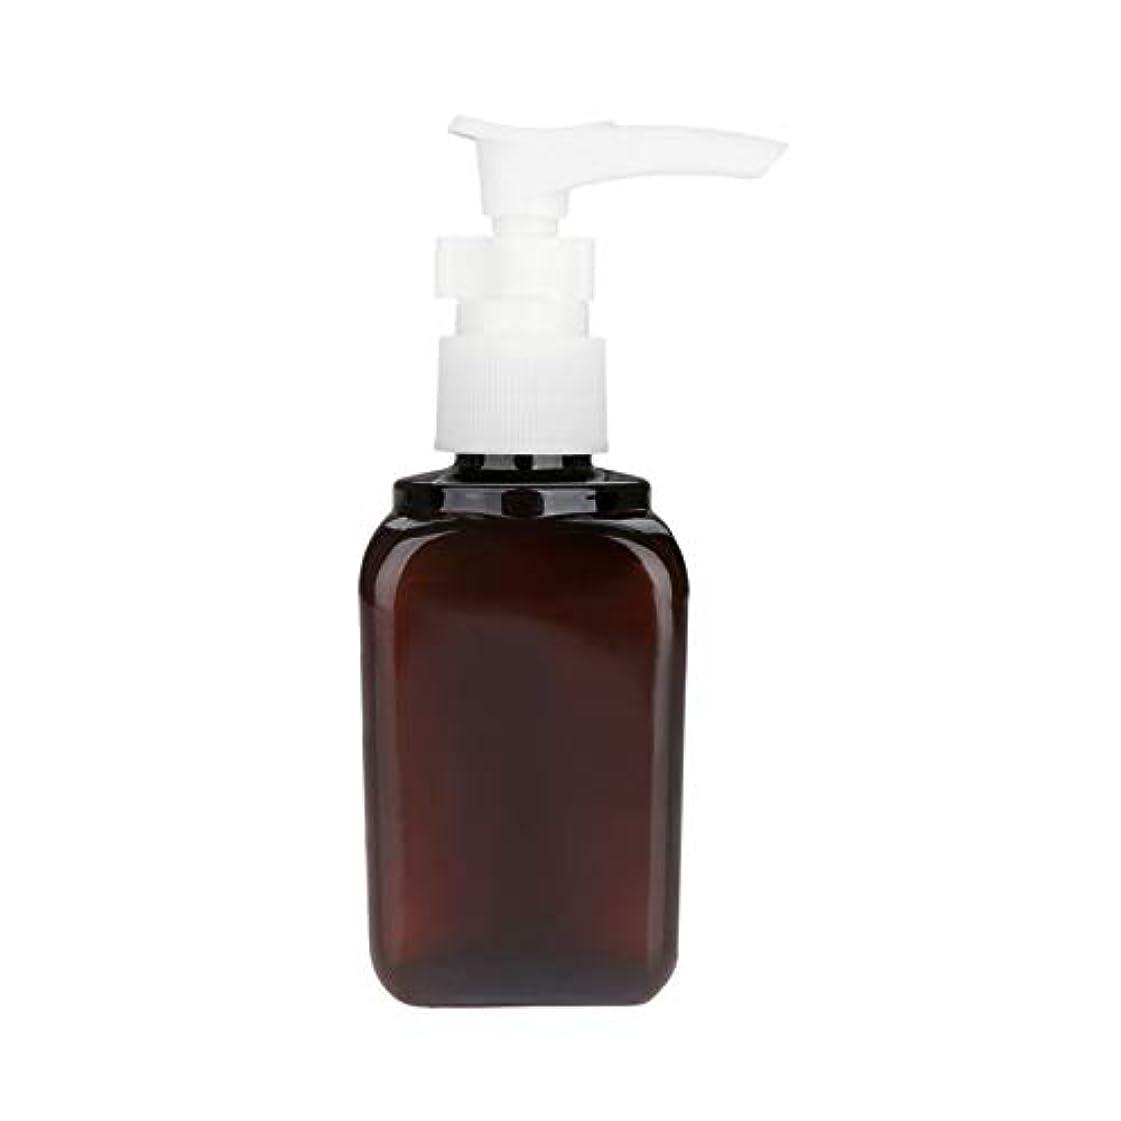 浸食イサカパッチ10本 押し式ボトル ポンプ瓶 ポンプボトル 遮光瓶 ドロップポンプ 泡立て 詰め替え シャンプーハンドソープ 茶色 PET製